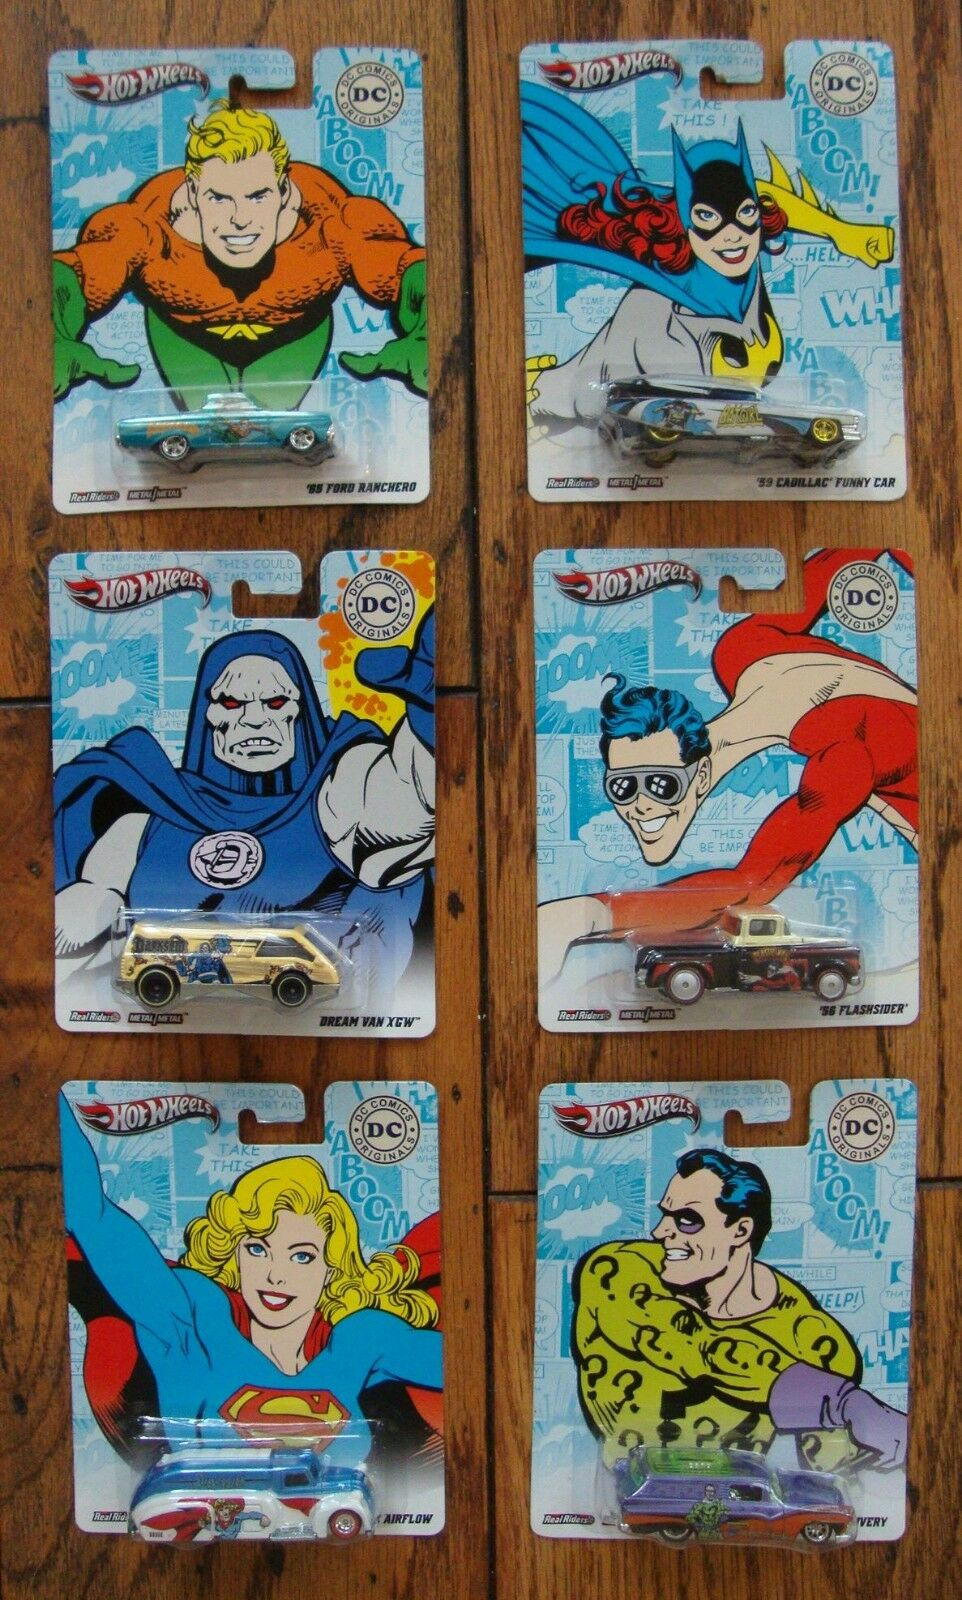 6 Hot Wheels DC Comics Originals Darkseid Aqua Riddler Bat Super Plastic 2011